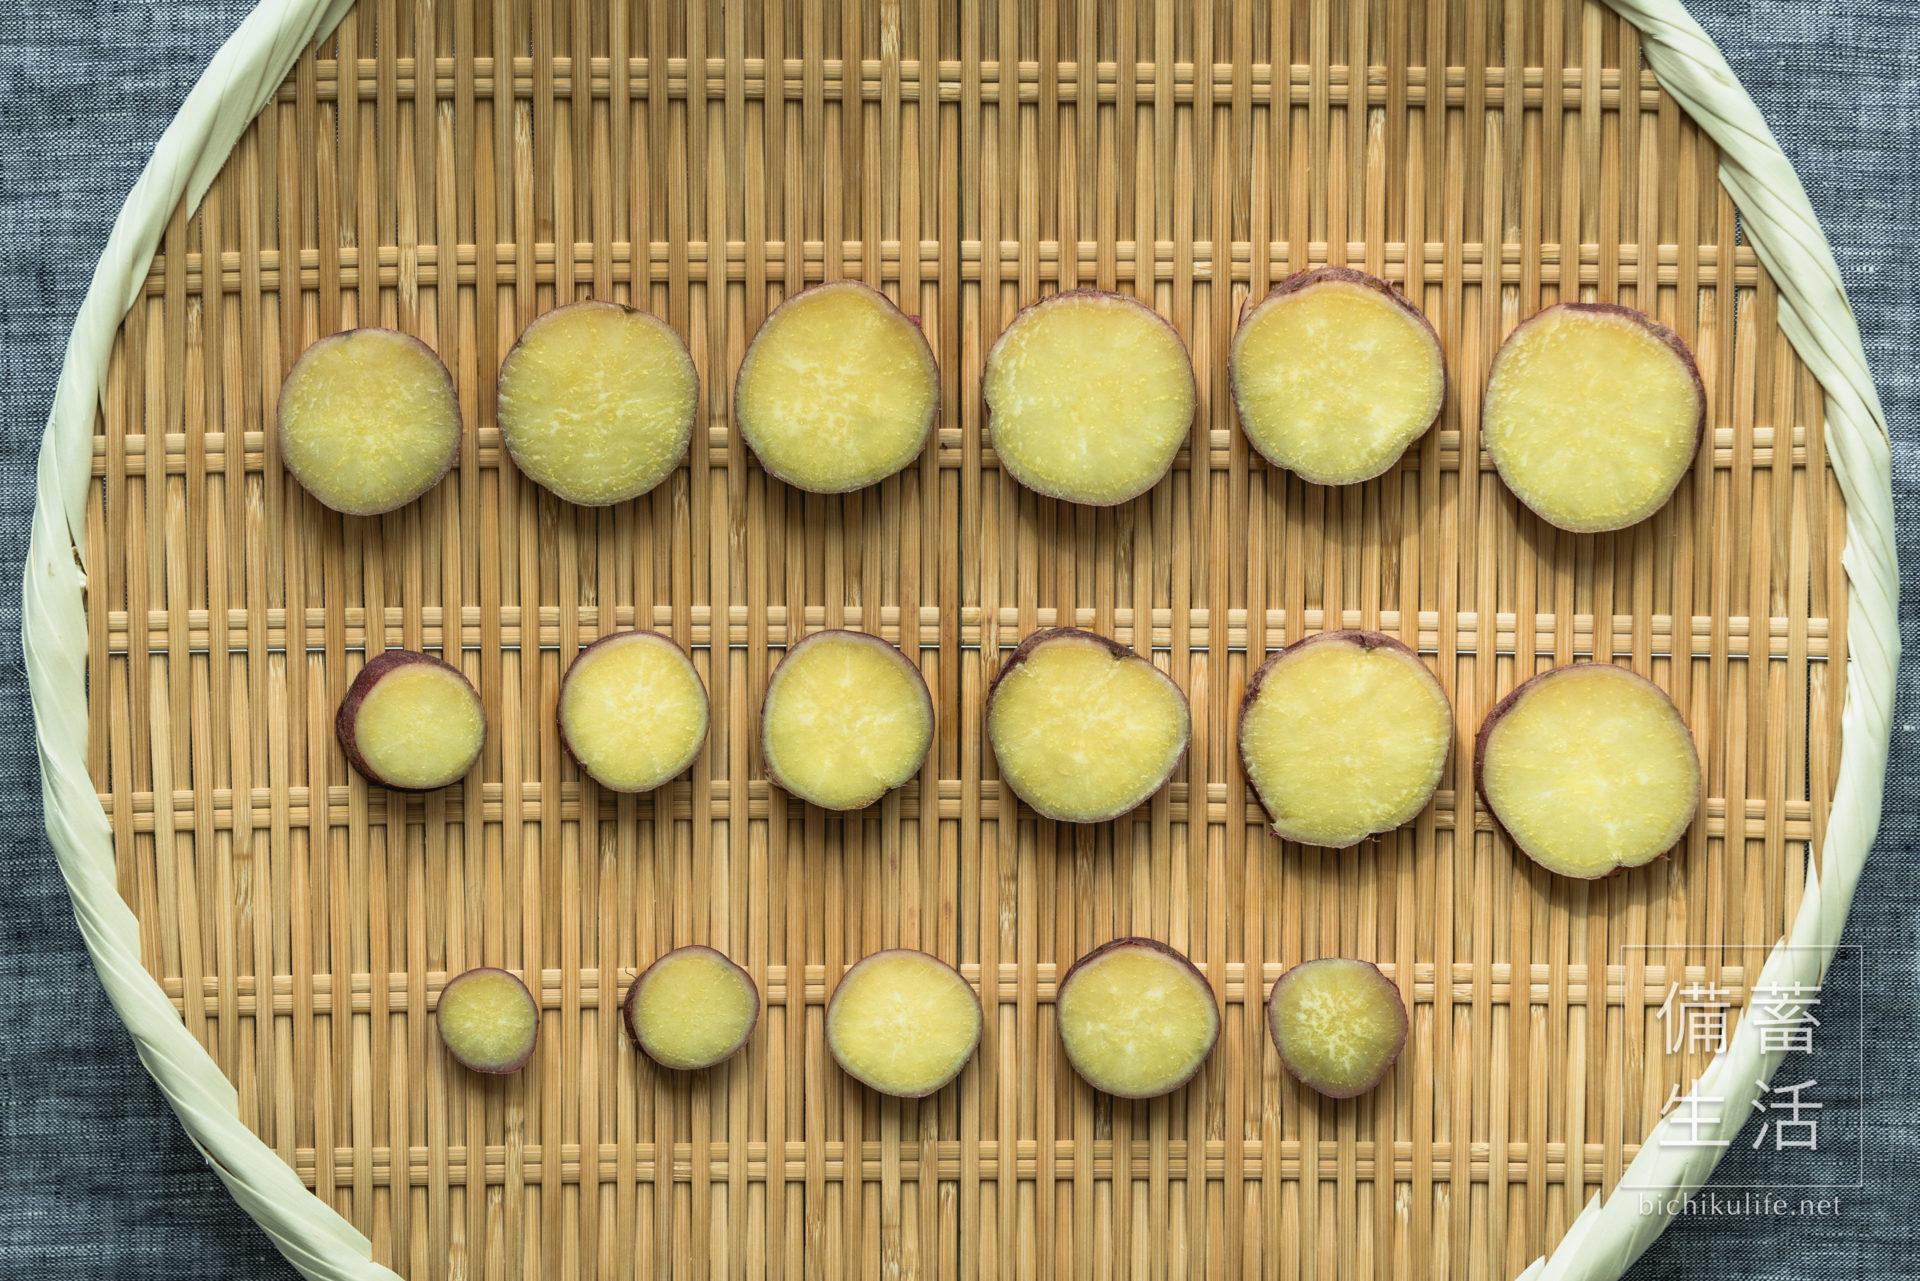 さつまいも 干し野菜づくり|干しサツマイモの作り方